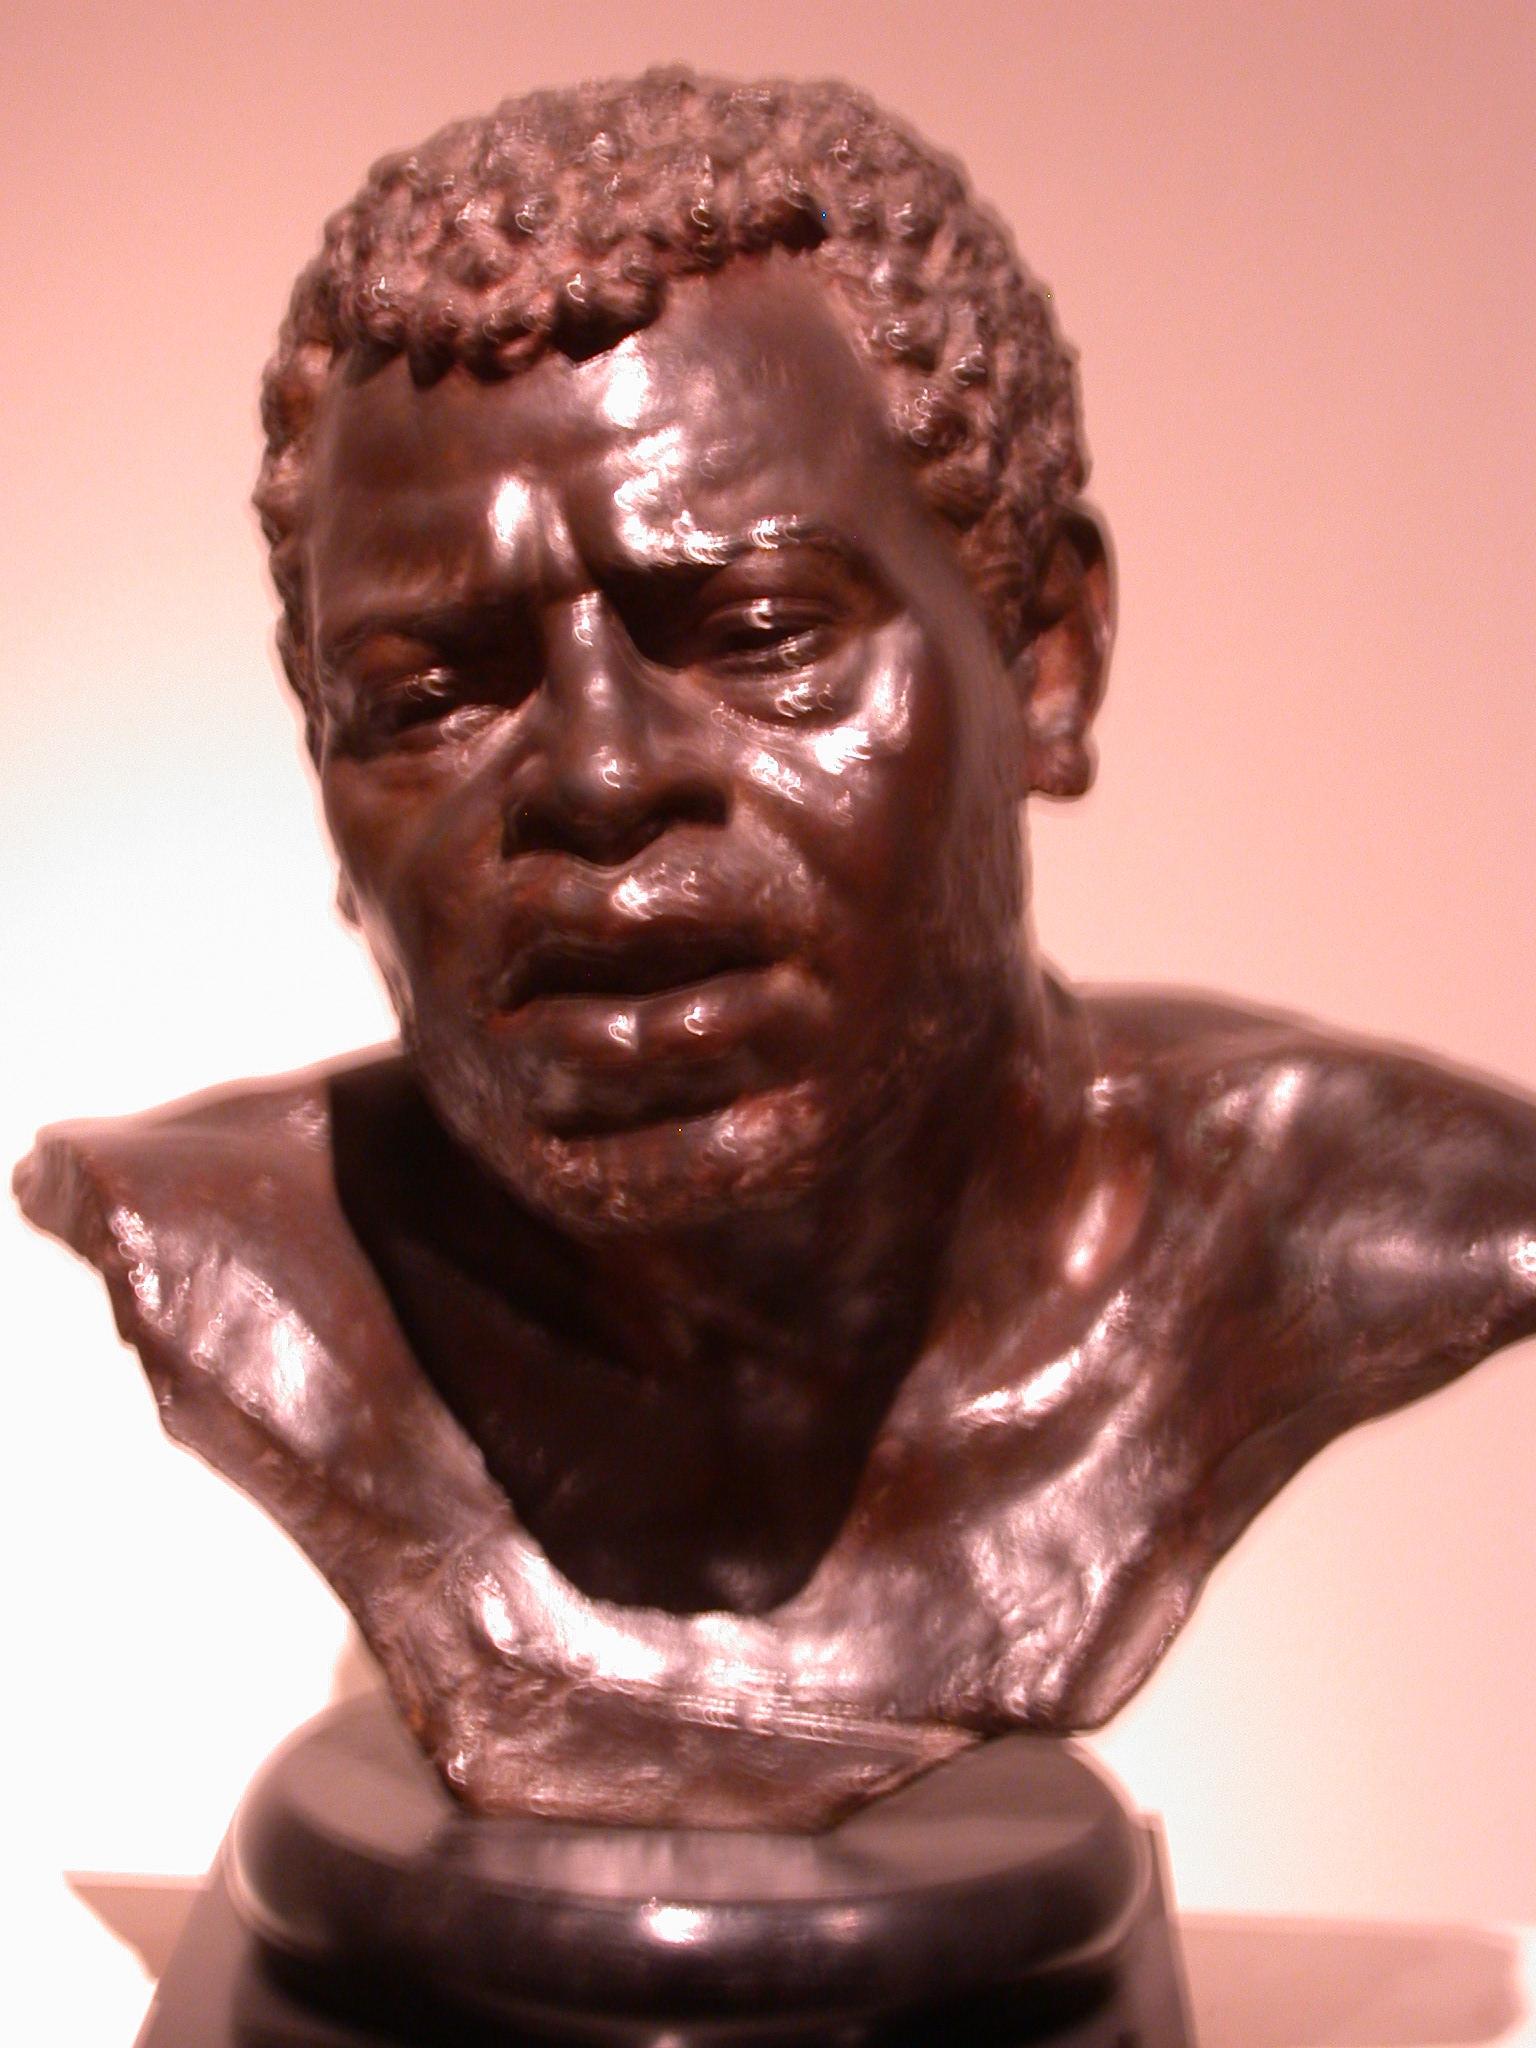 Cabeza de Esclavo, Bust of a Slave, Francisco Coiferata?, Museo de las Bellas Artes, Buenos Aires, Argentina